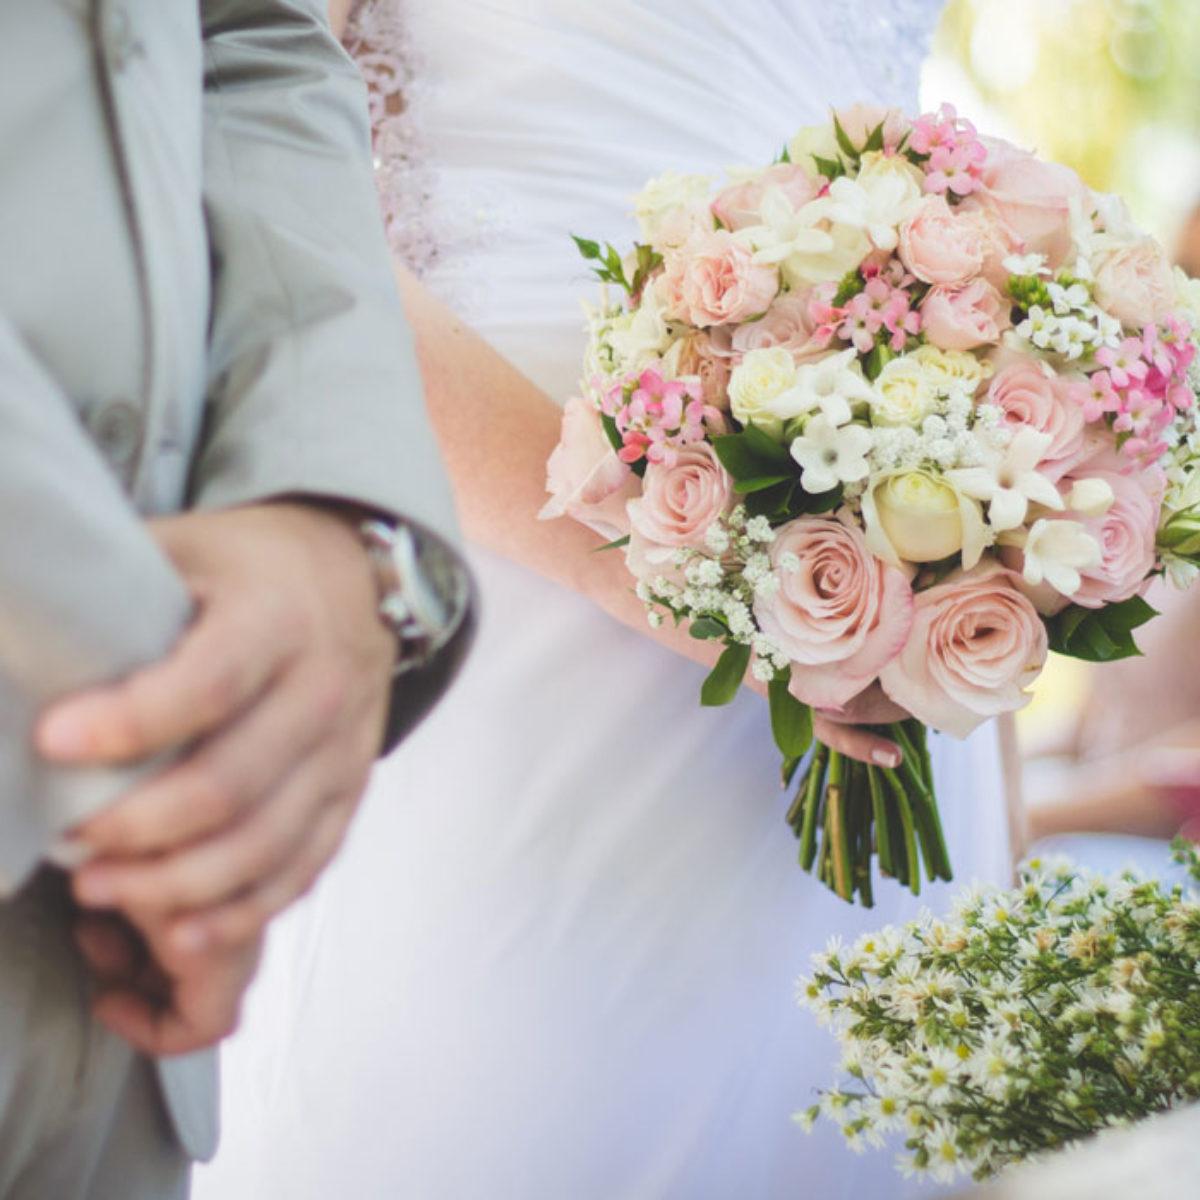 Anniversario Matrimonio 1 Anno.Frasi Di Auguri Per L Anniversario Di Matrimonio Le 50 Piu Dolci